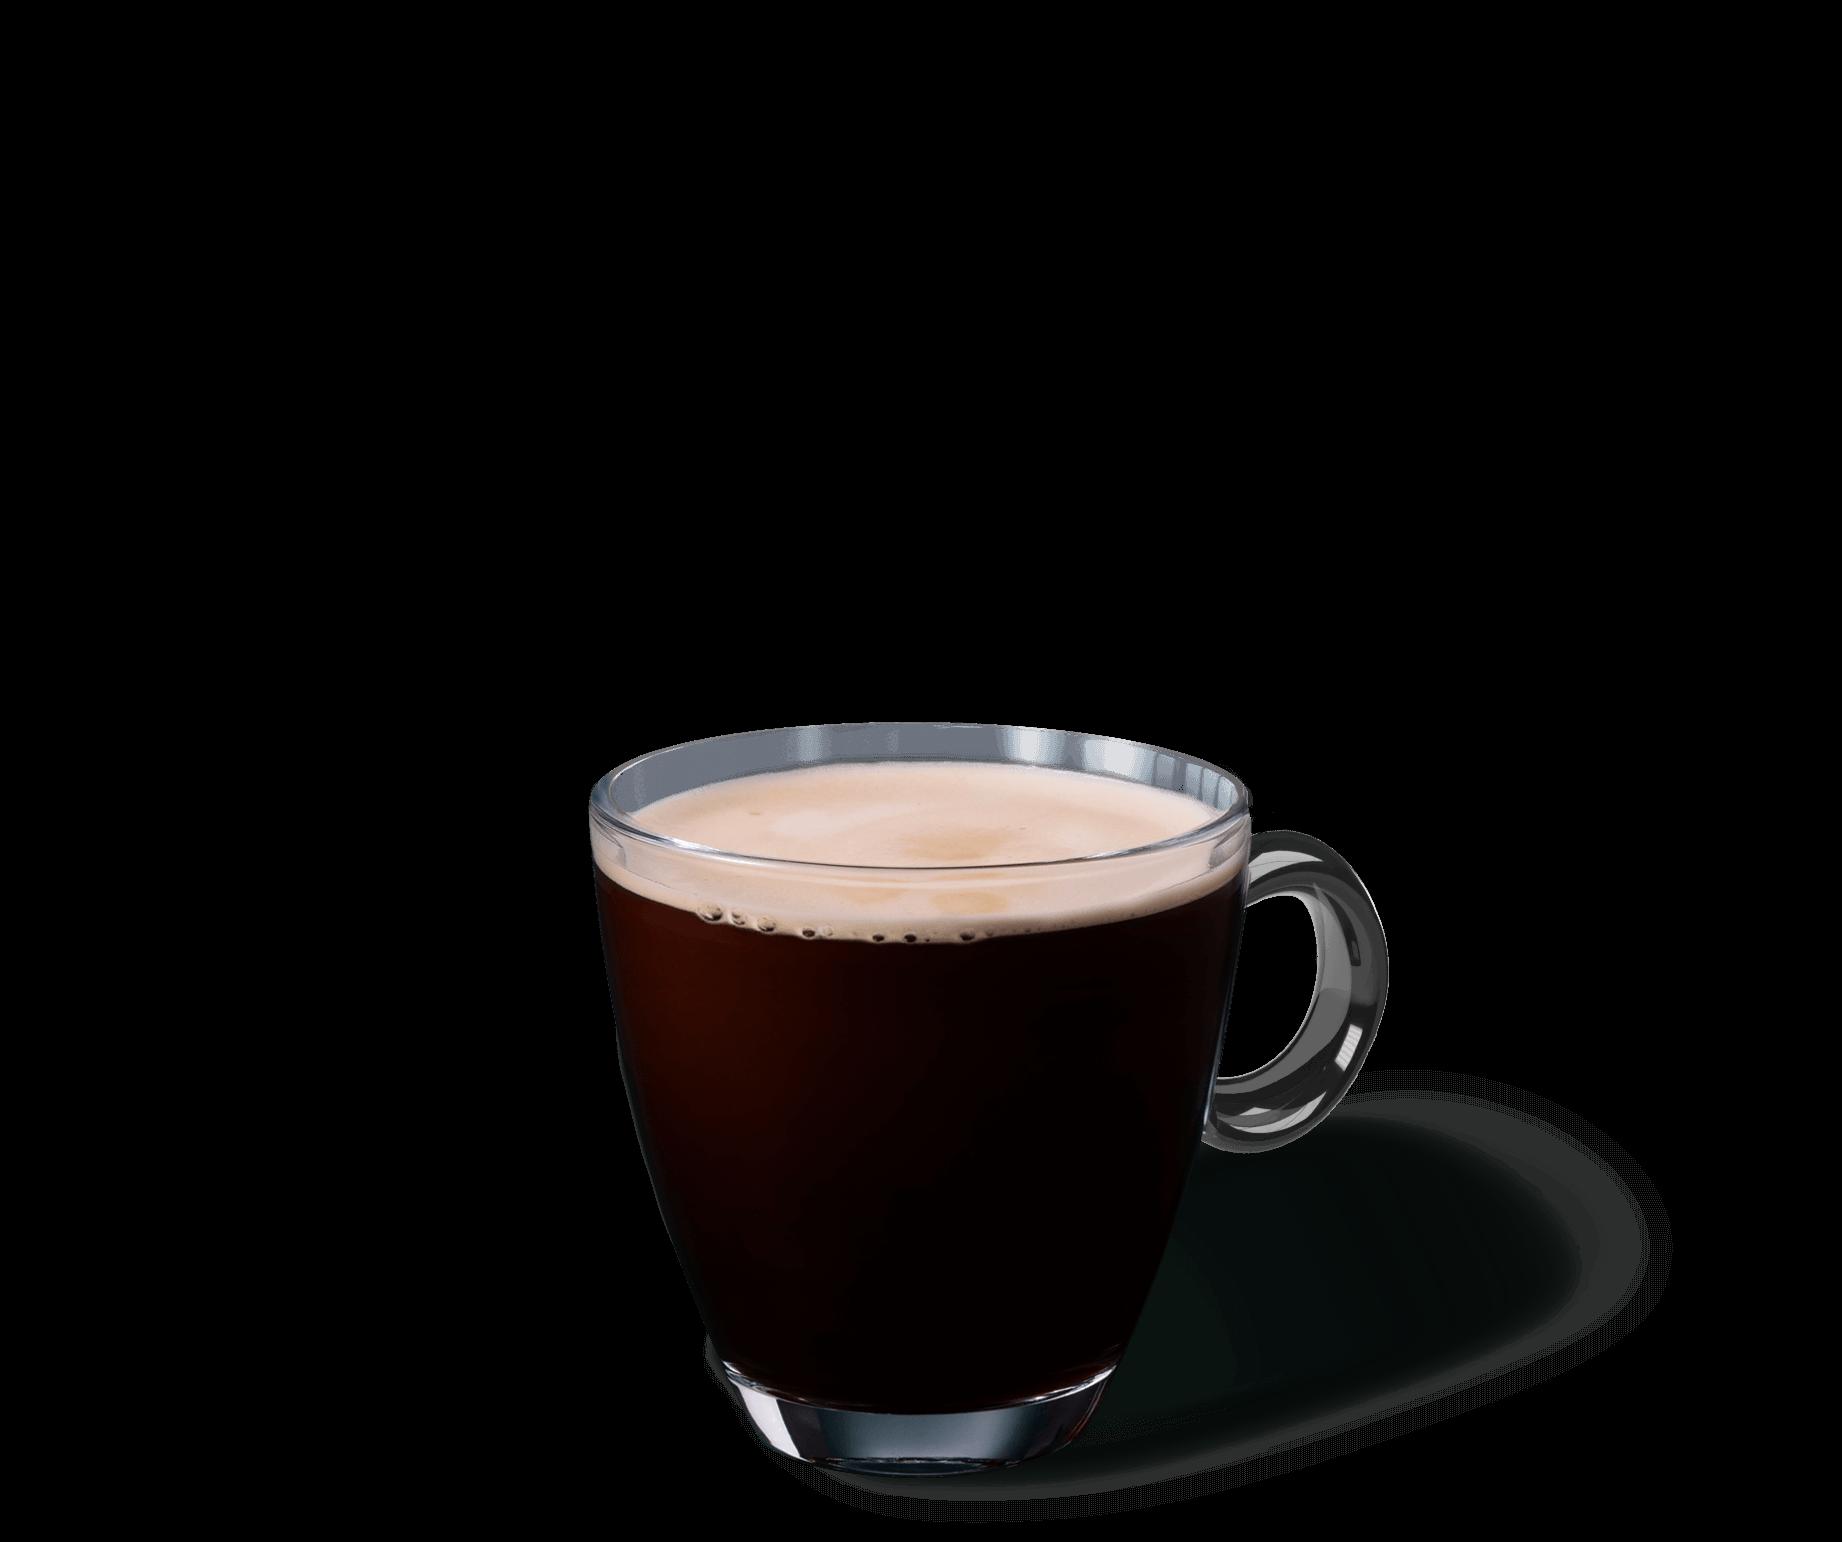 Tazza di caffè americano Starbucks_ricette1